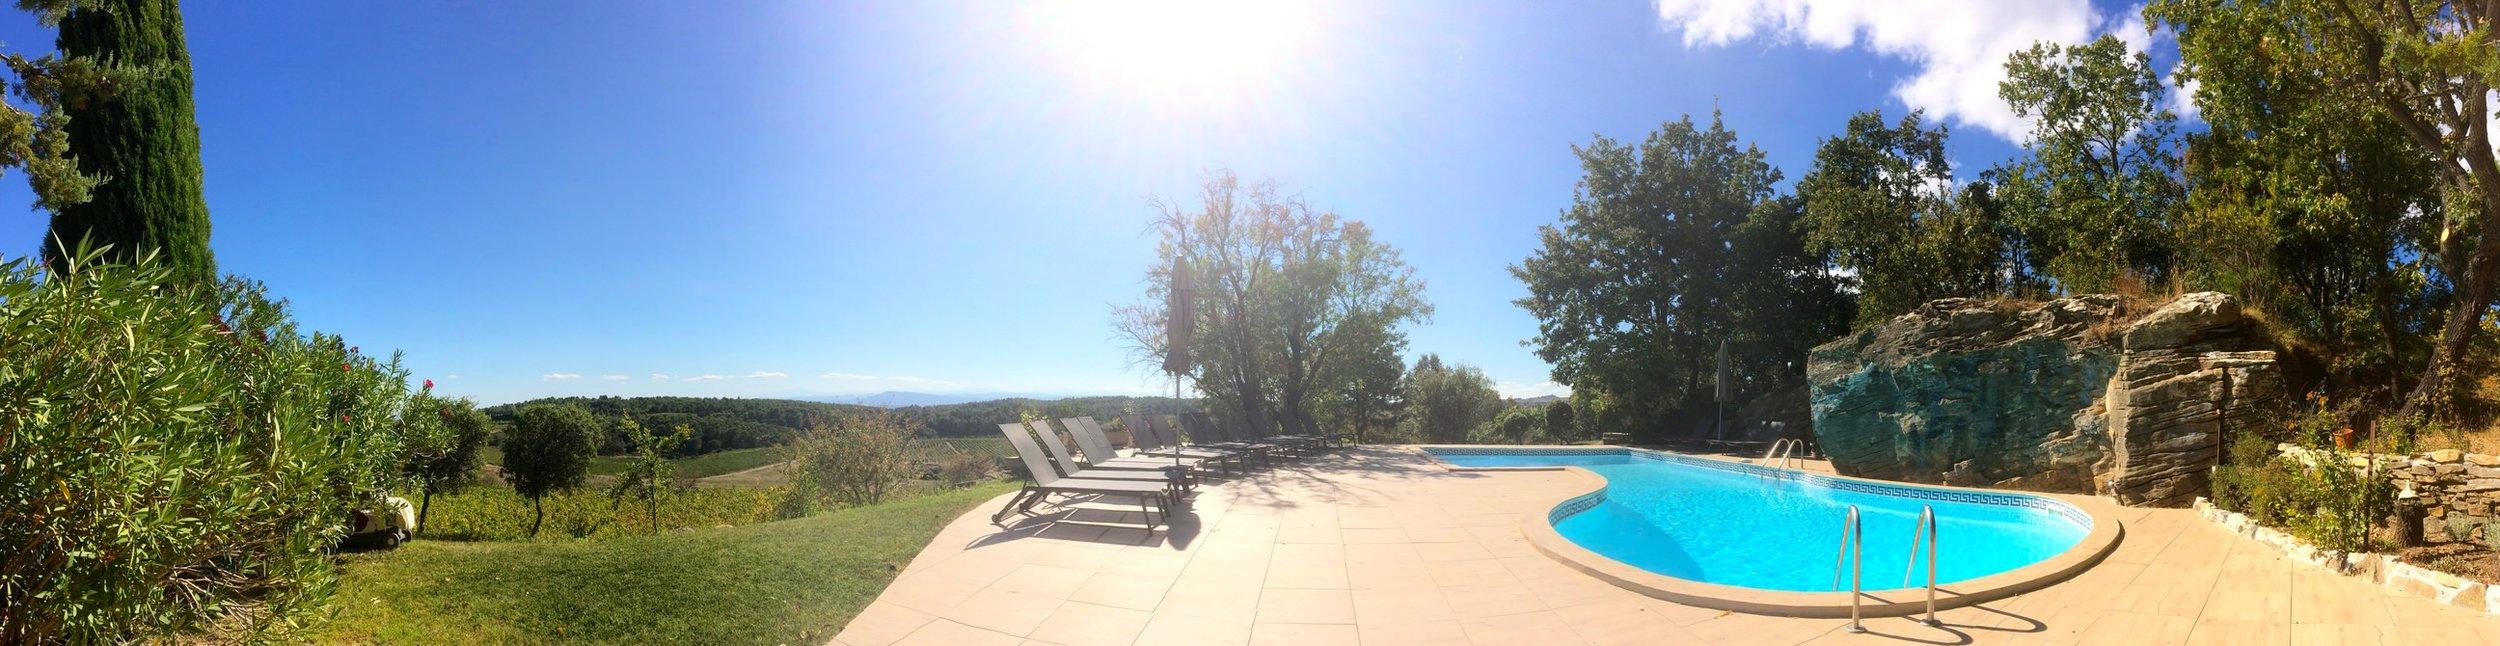 Pool Panorama-1.JPG